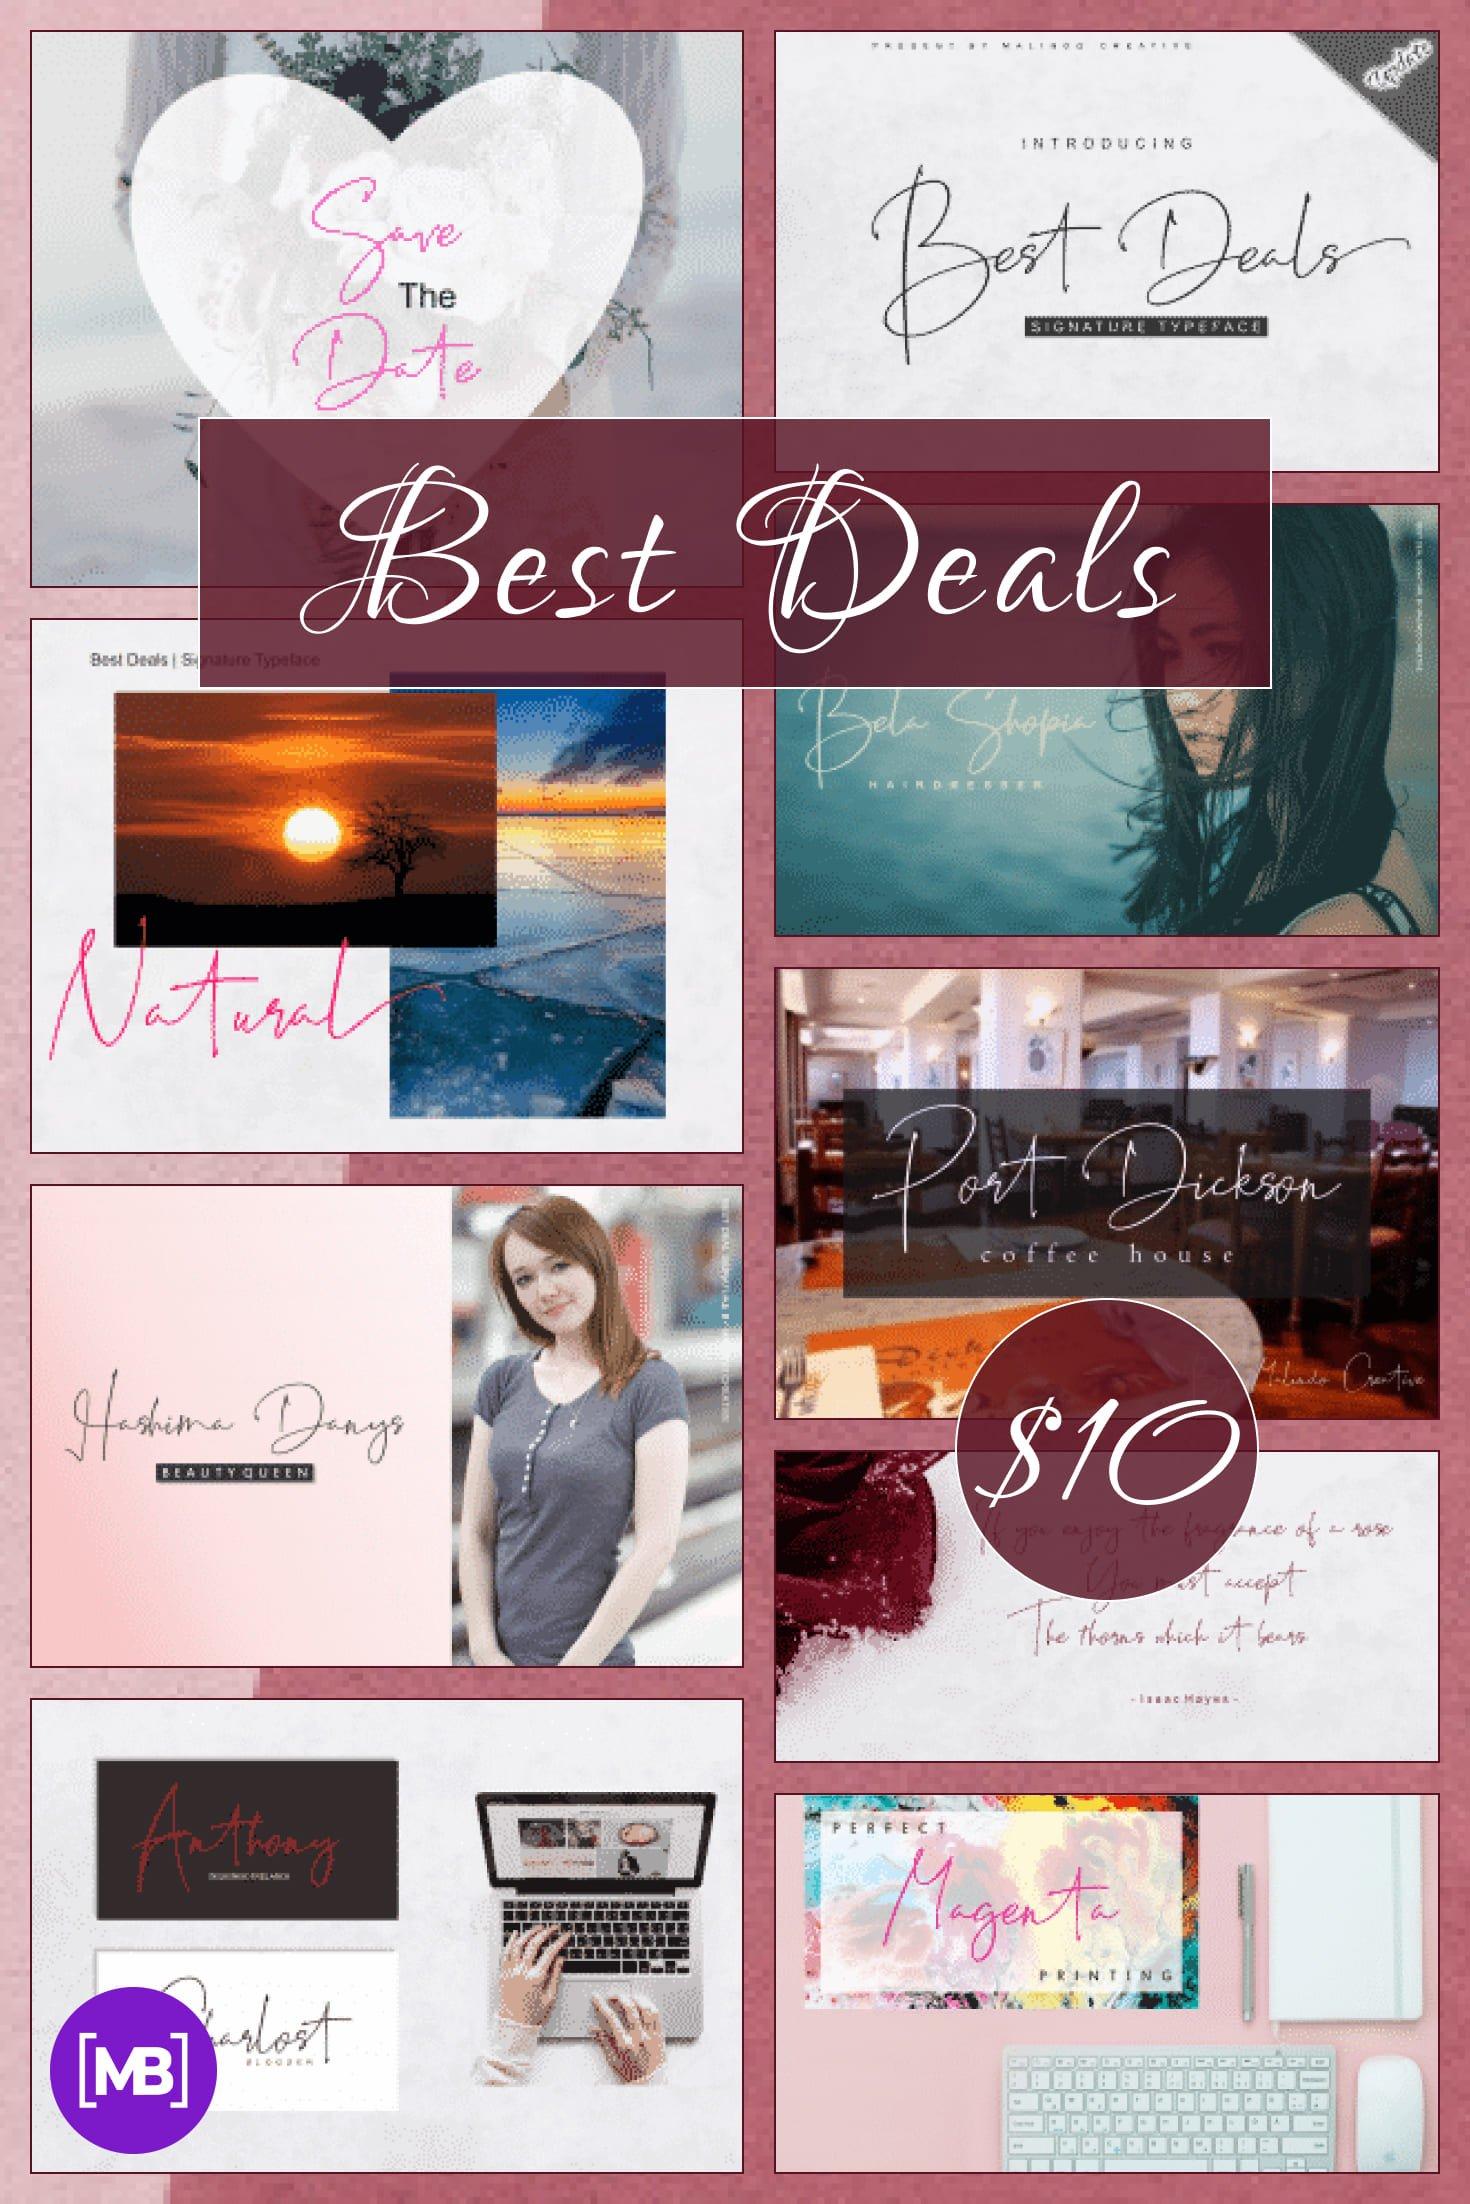 Pinterest Image: Best Deals   Signature Typeface.